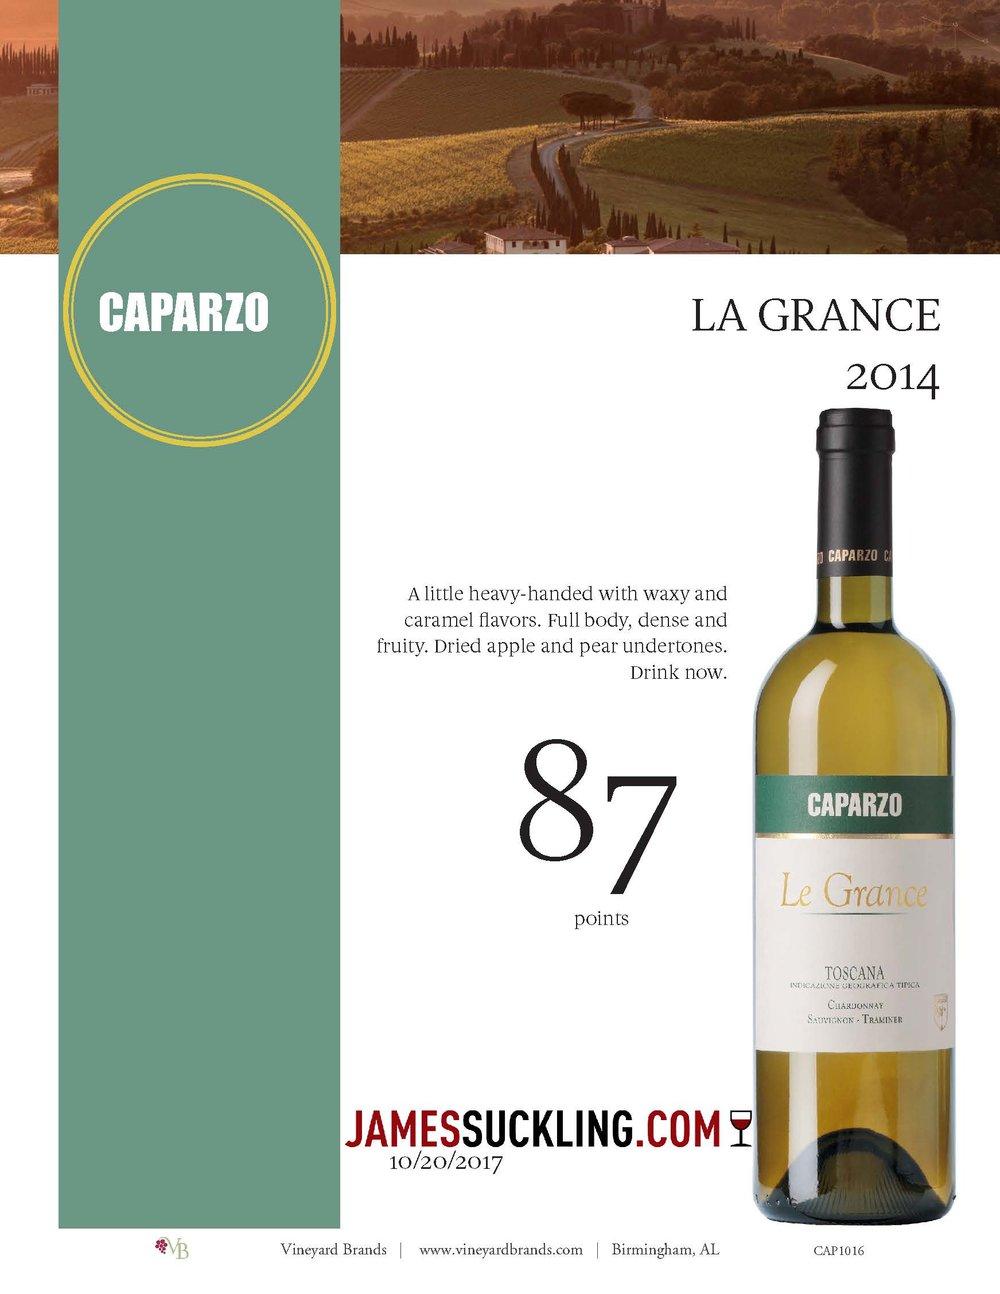 Caparzo La Grance 2014.jpg